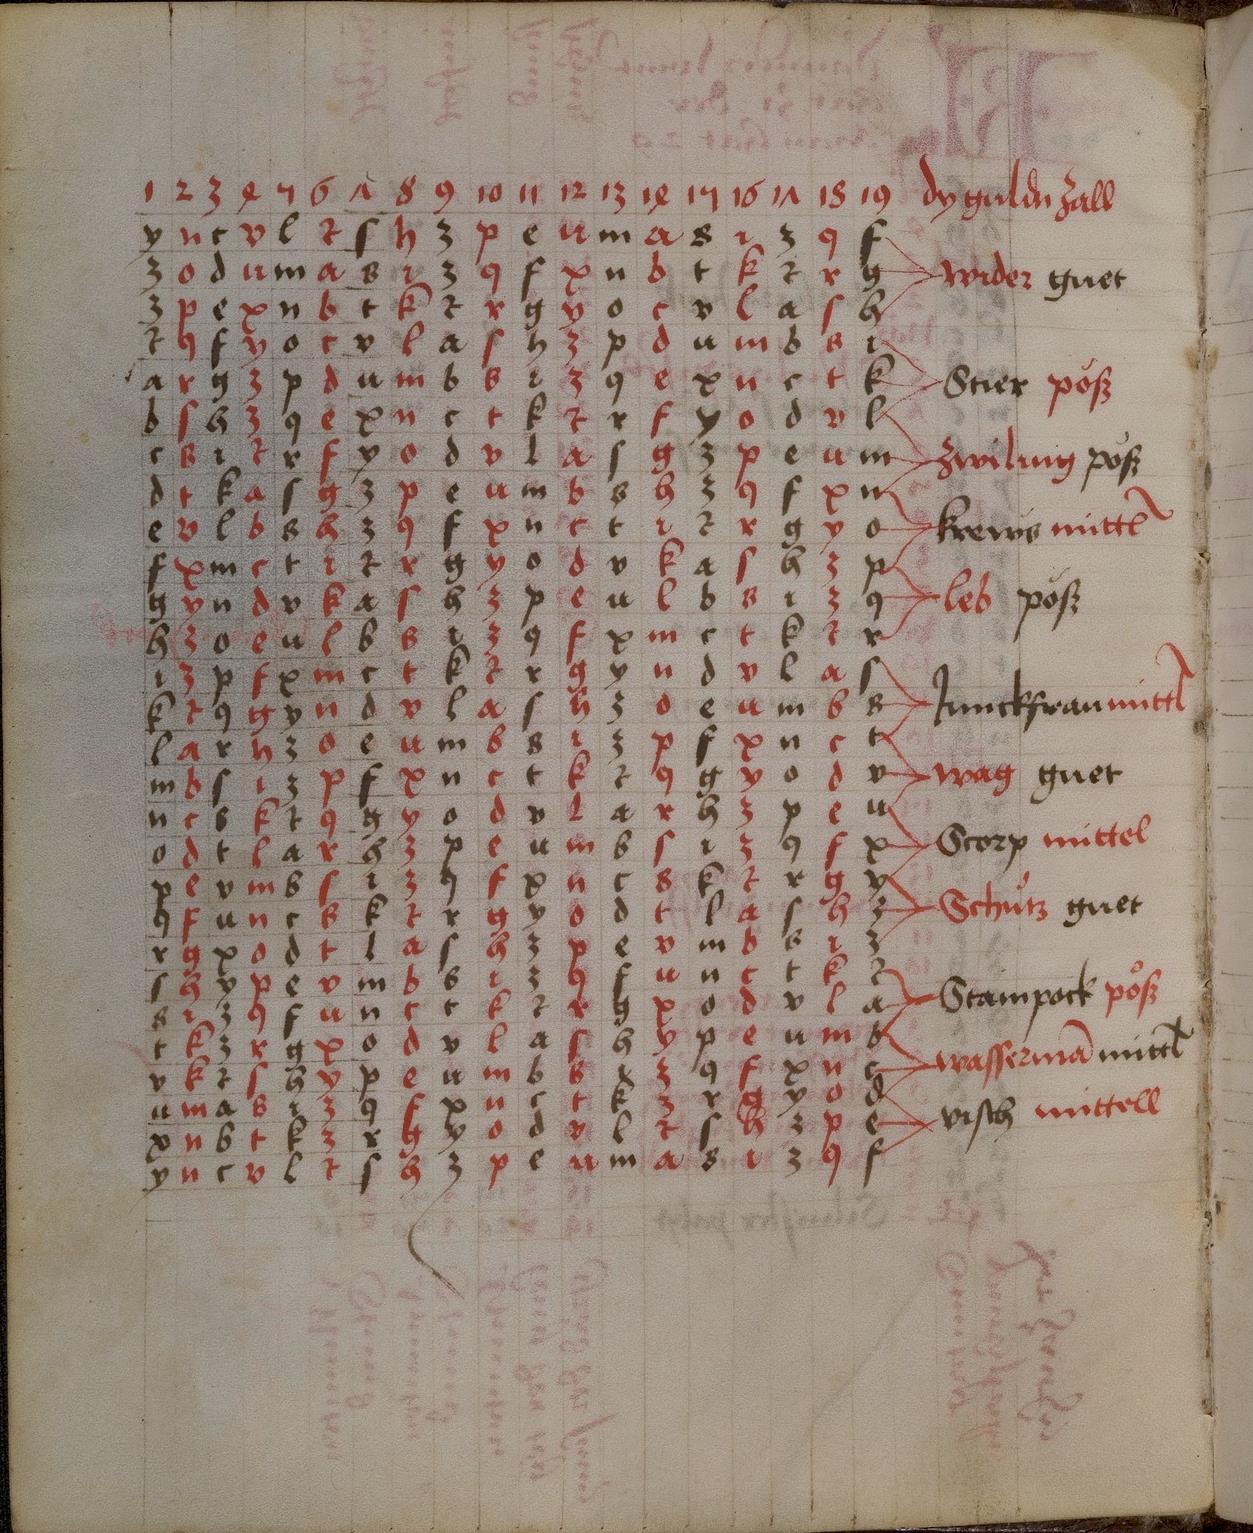 """Beschreibung des Mondlaufs mit Hifle der Mondzeichen  Diözese Straßburg - um 1496  Cod. Pal. germ. 15  Quelle: Universitätsbibliothek Heidelberg  Lizenz: <a title=""""Creative Commons-Lizenz cc-BY-NC-SA"""" href=""""http://creativecommons.org/licenses/by-nc-sa/3.0/de/"""" target=""""_blank"""">Creative Commons-Lizenz cc-BY-NC-SA</a>"""